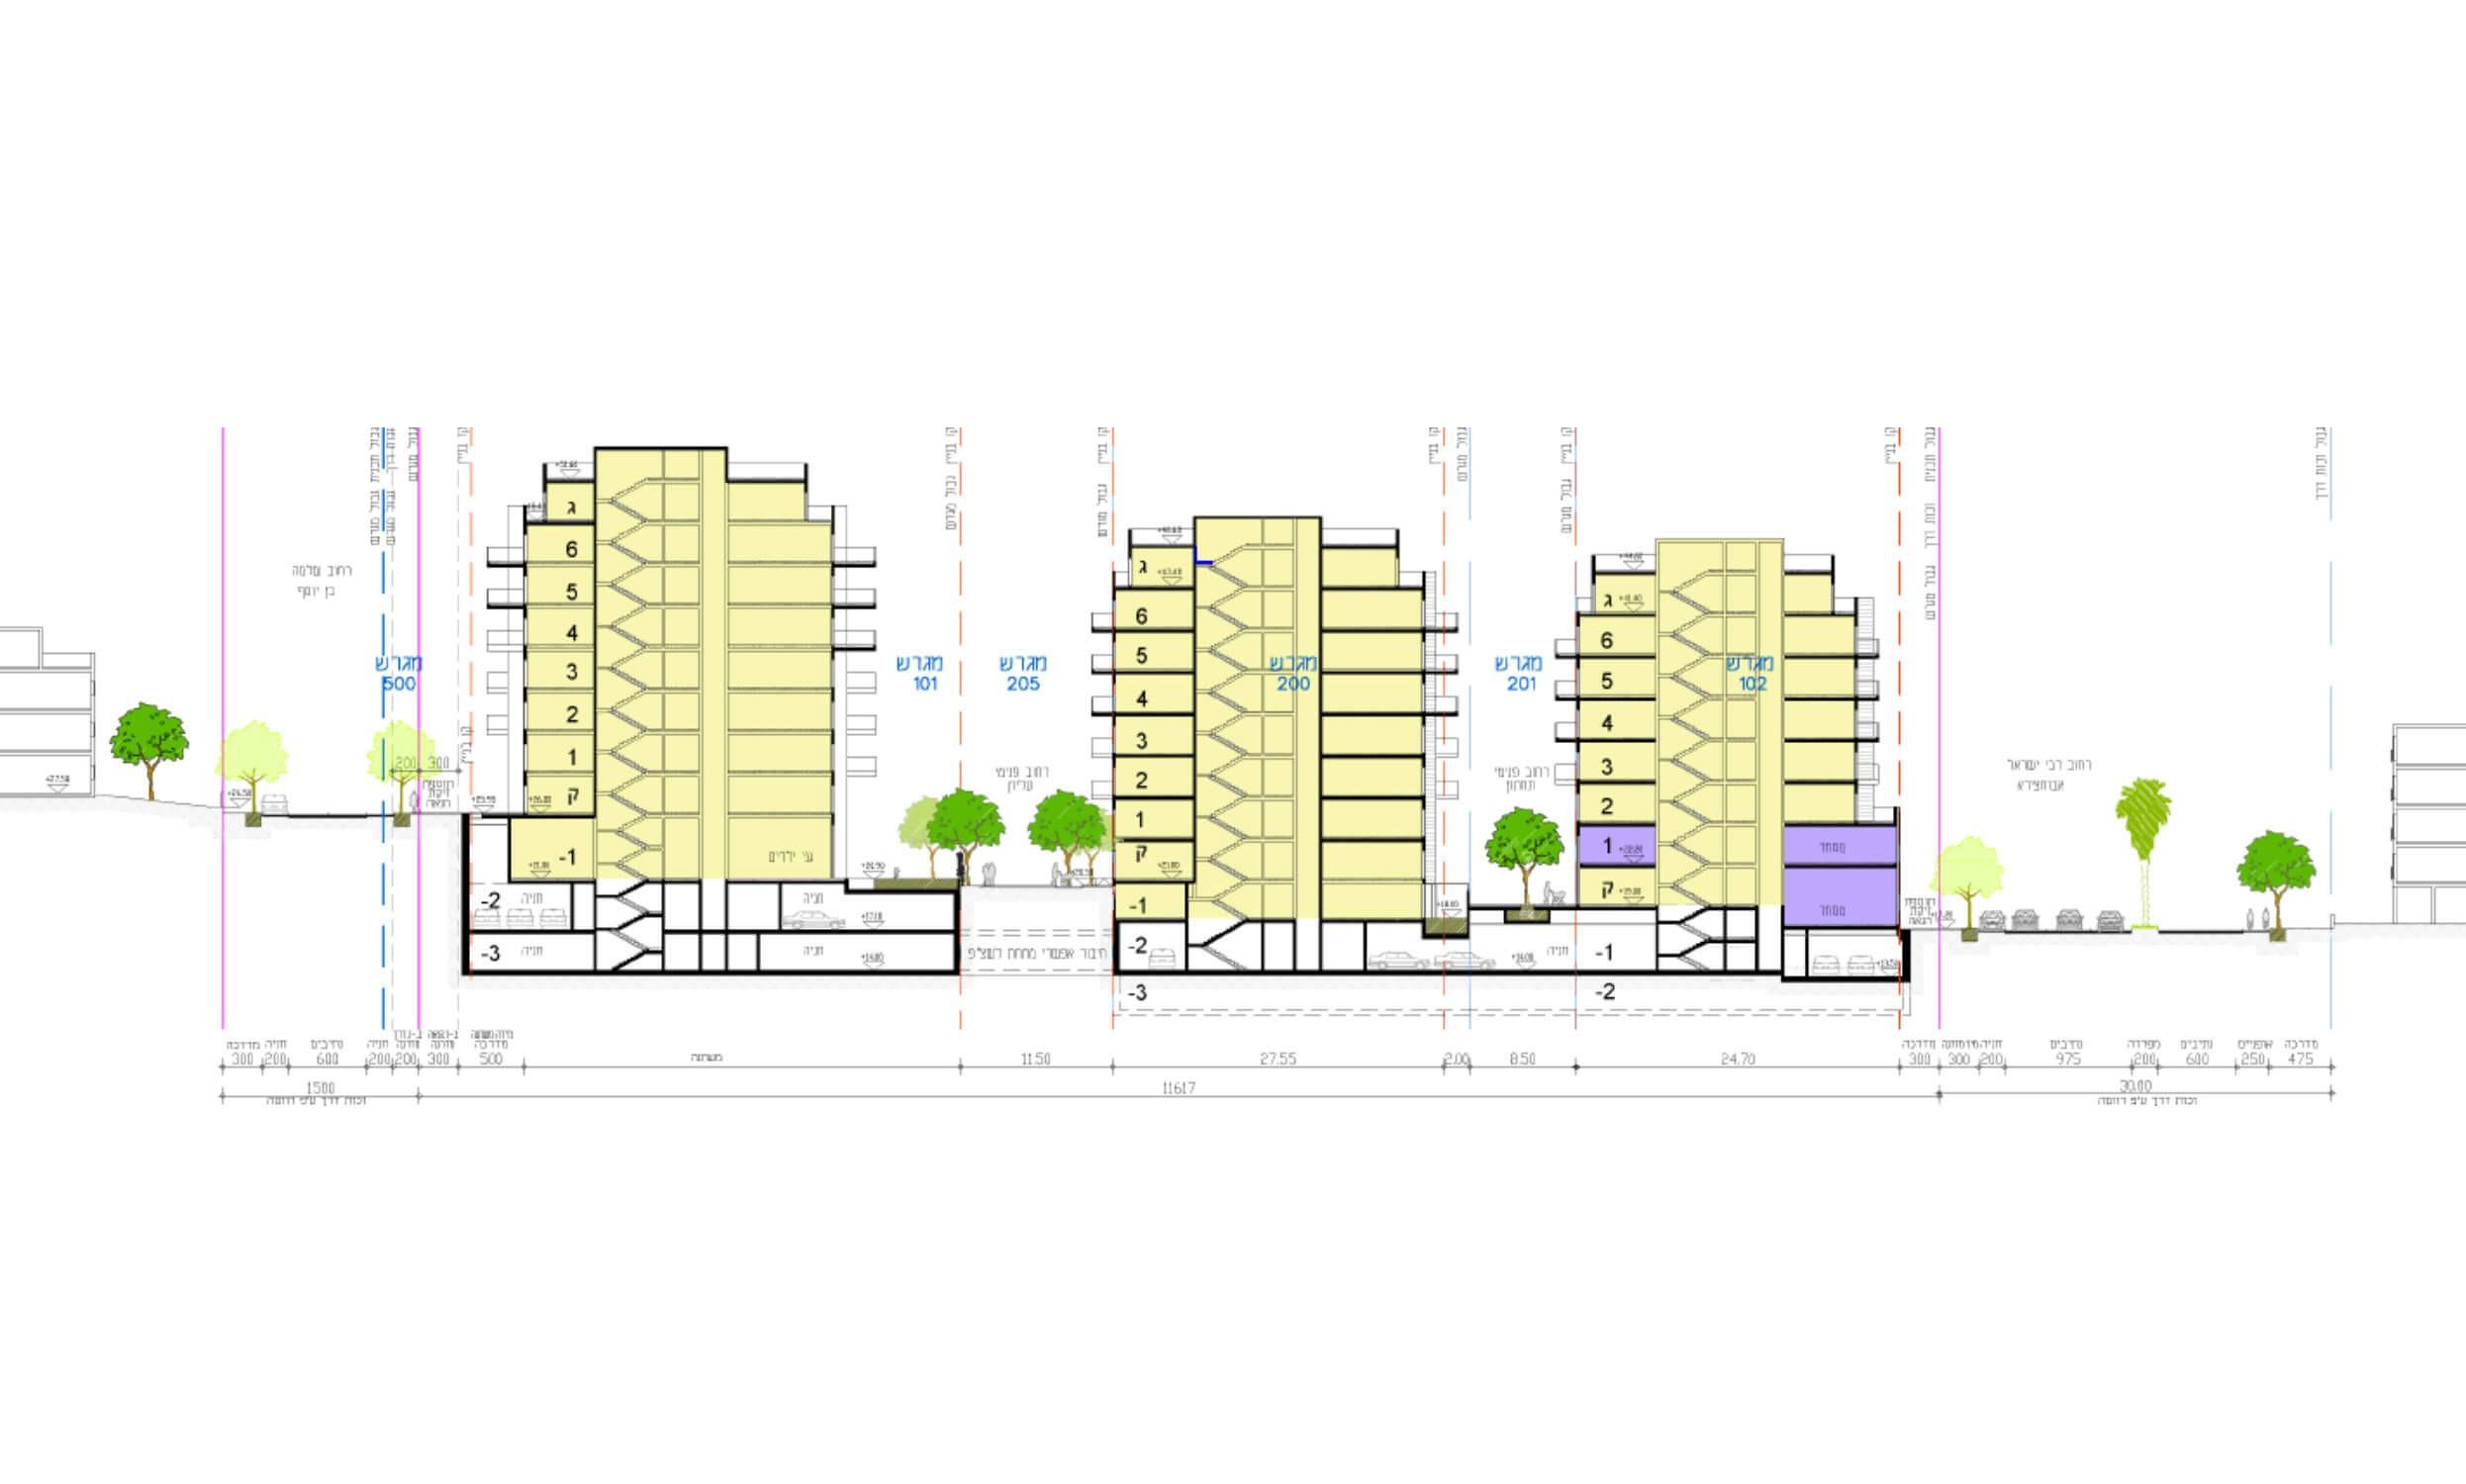 אבו חצירא מסוף/מגורים – תכנון מפורט לביצוע – שלב א׳